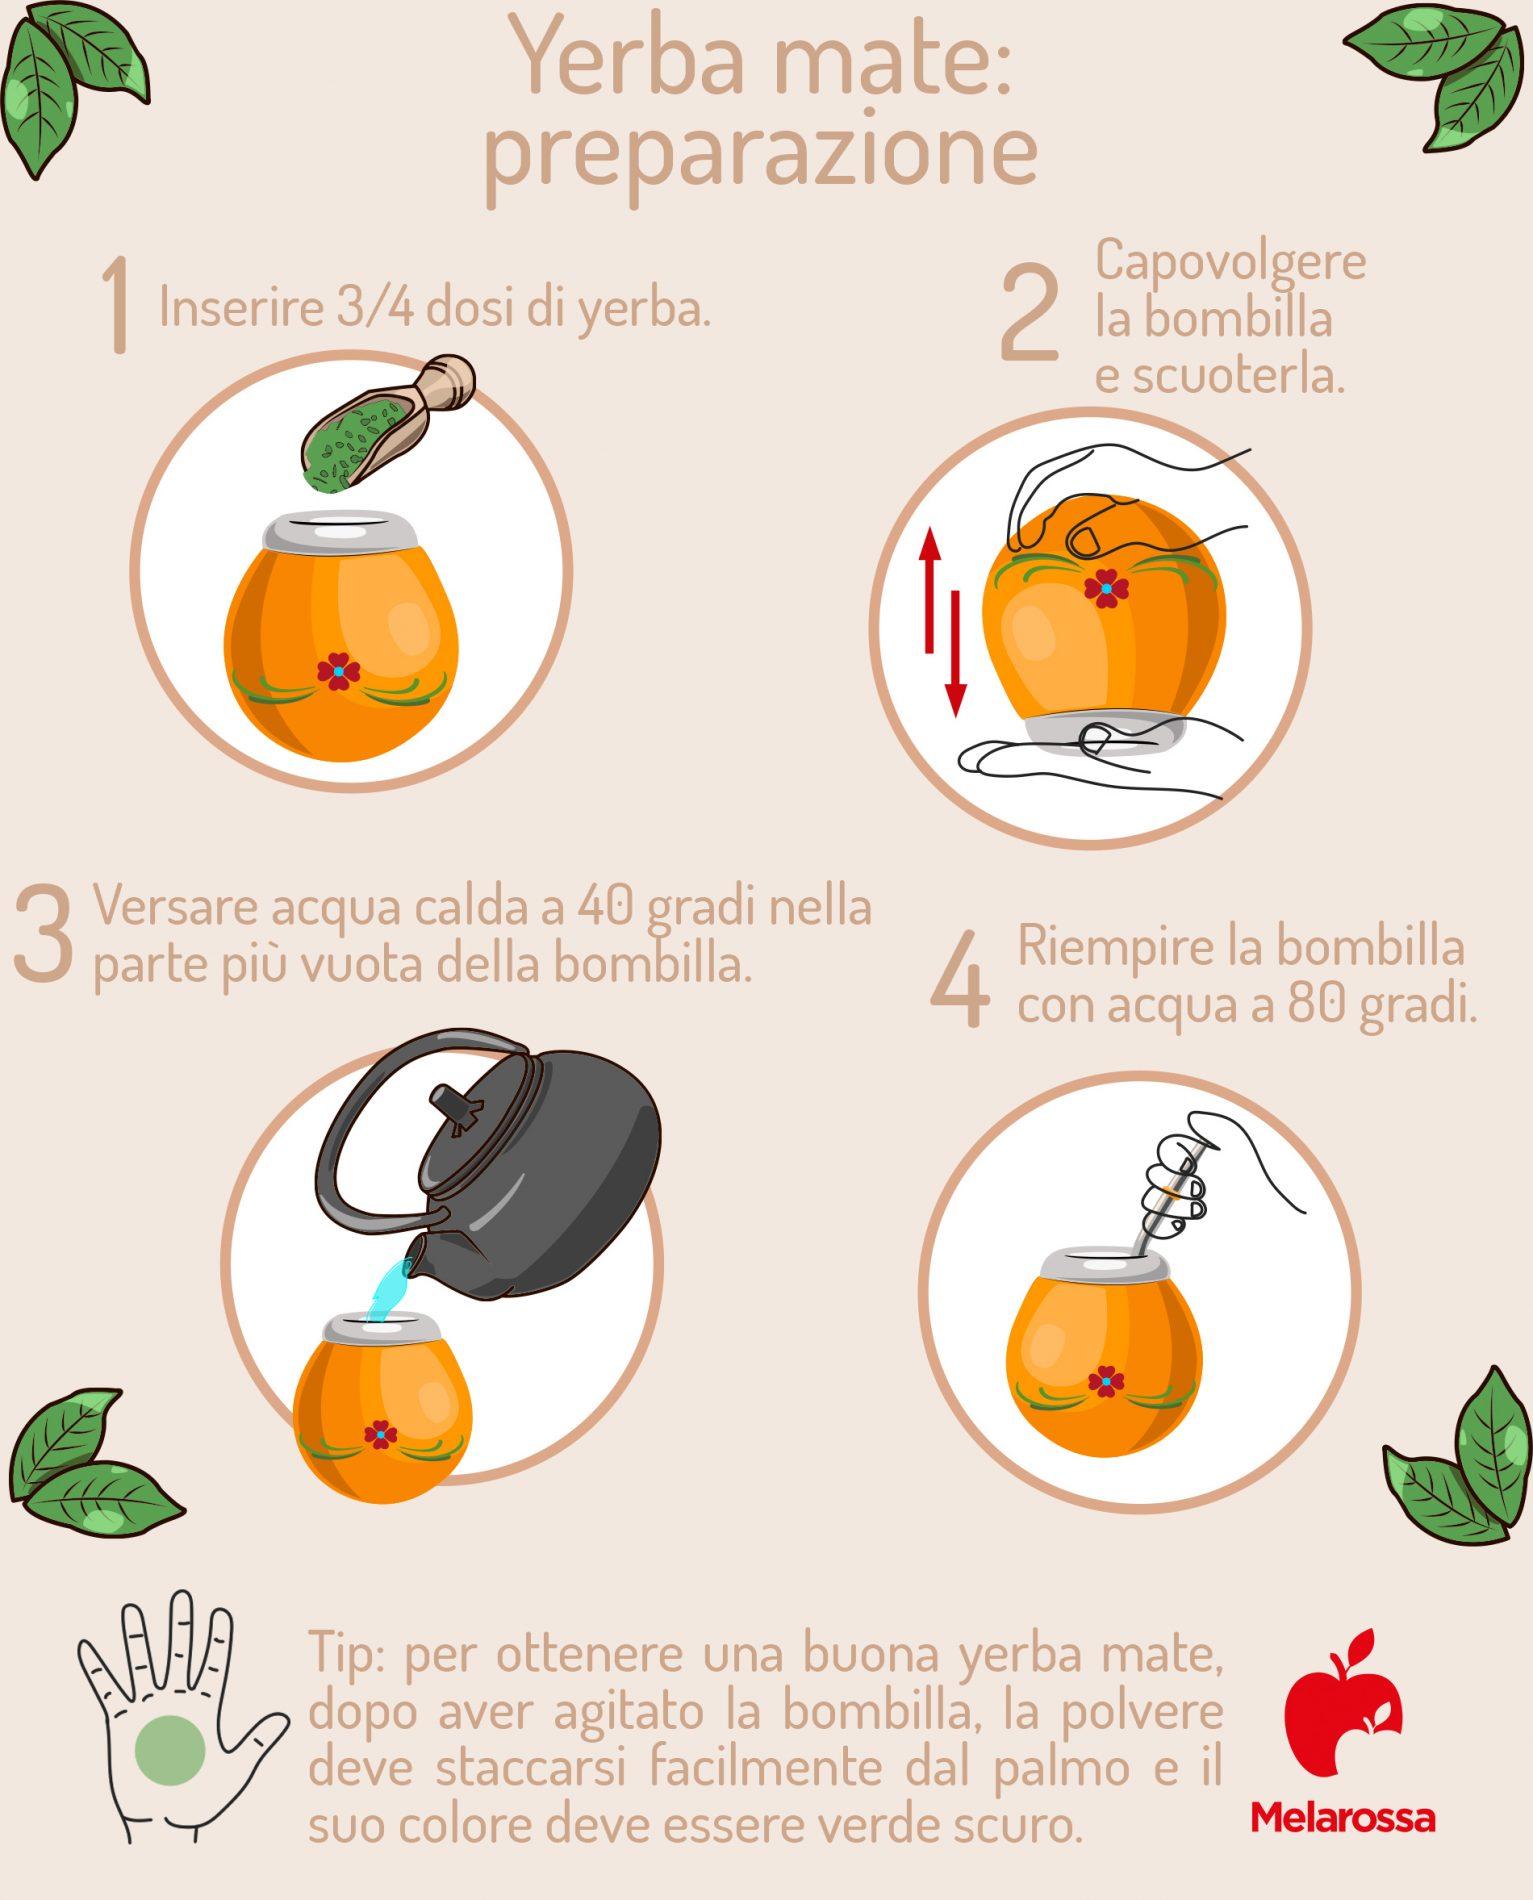 yerba mate: come si prepara con bombilla